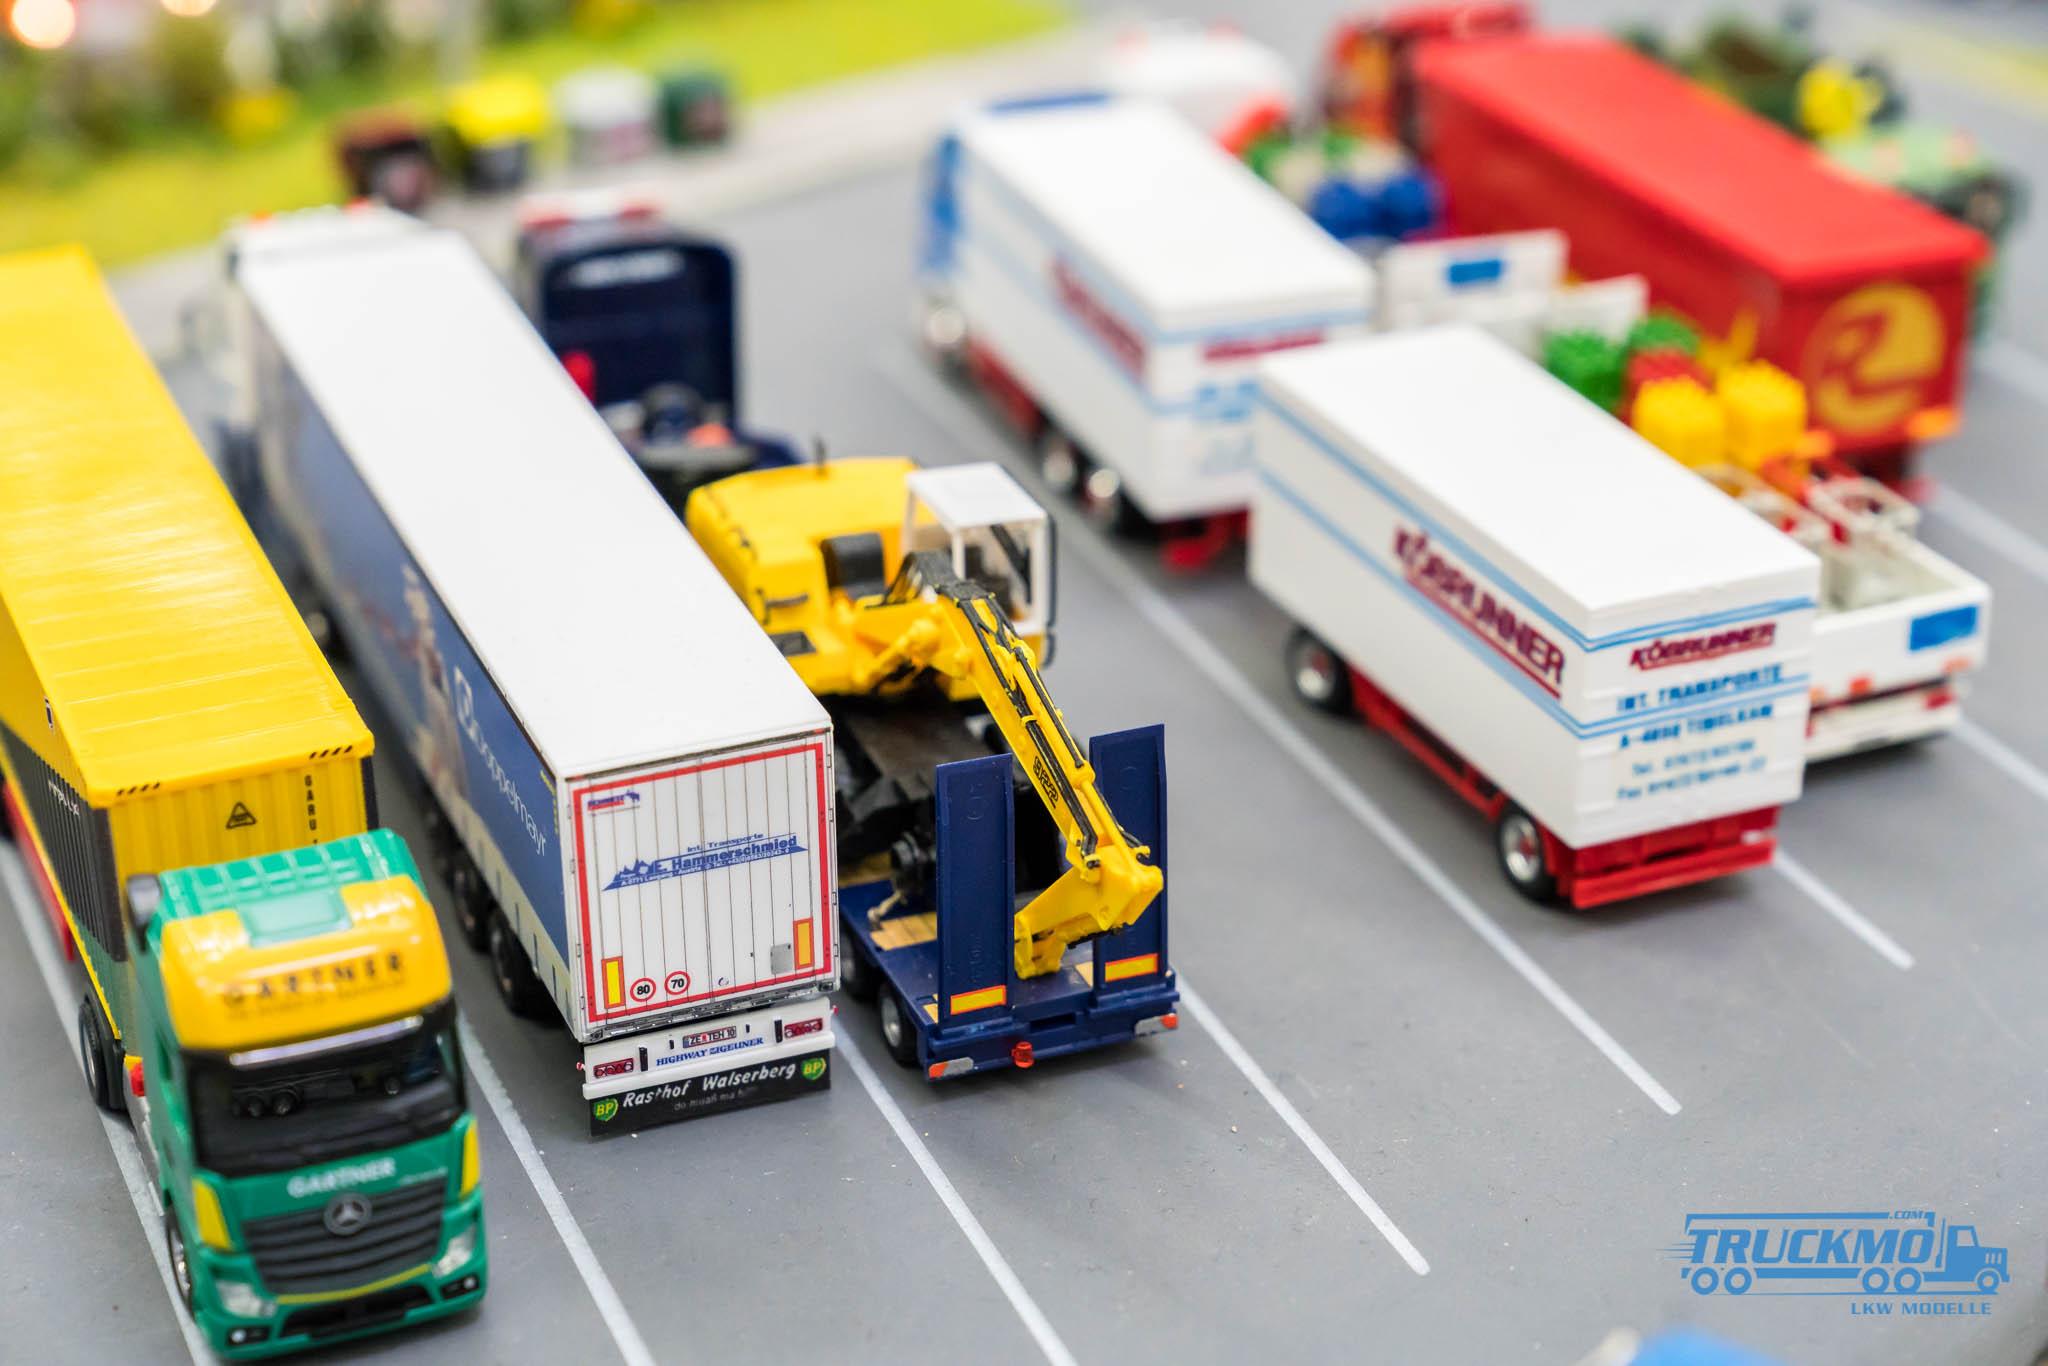 Truckmo_Modellbau_Ried_2017_Herpa_Messe_Modellbauausstellung (159 von 1177)